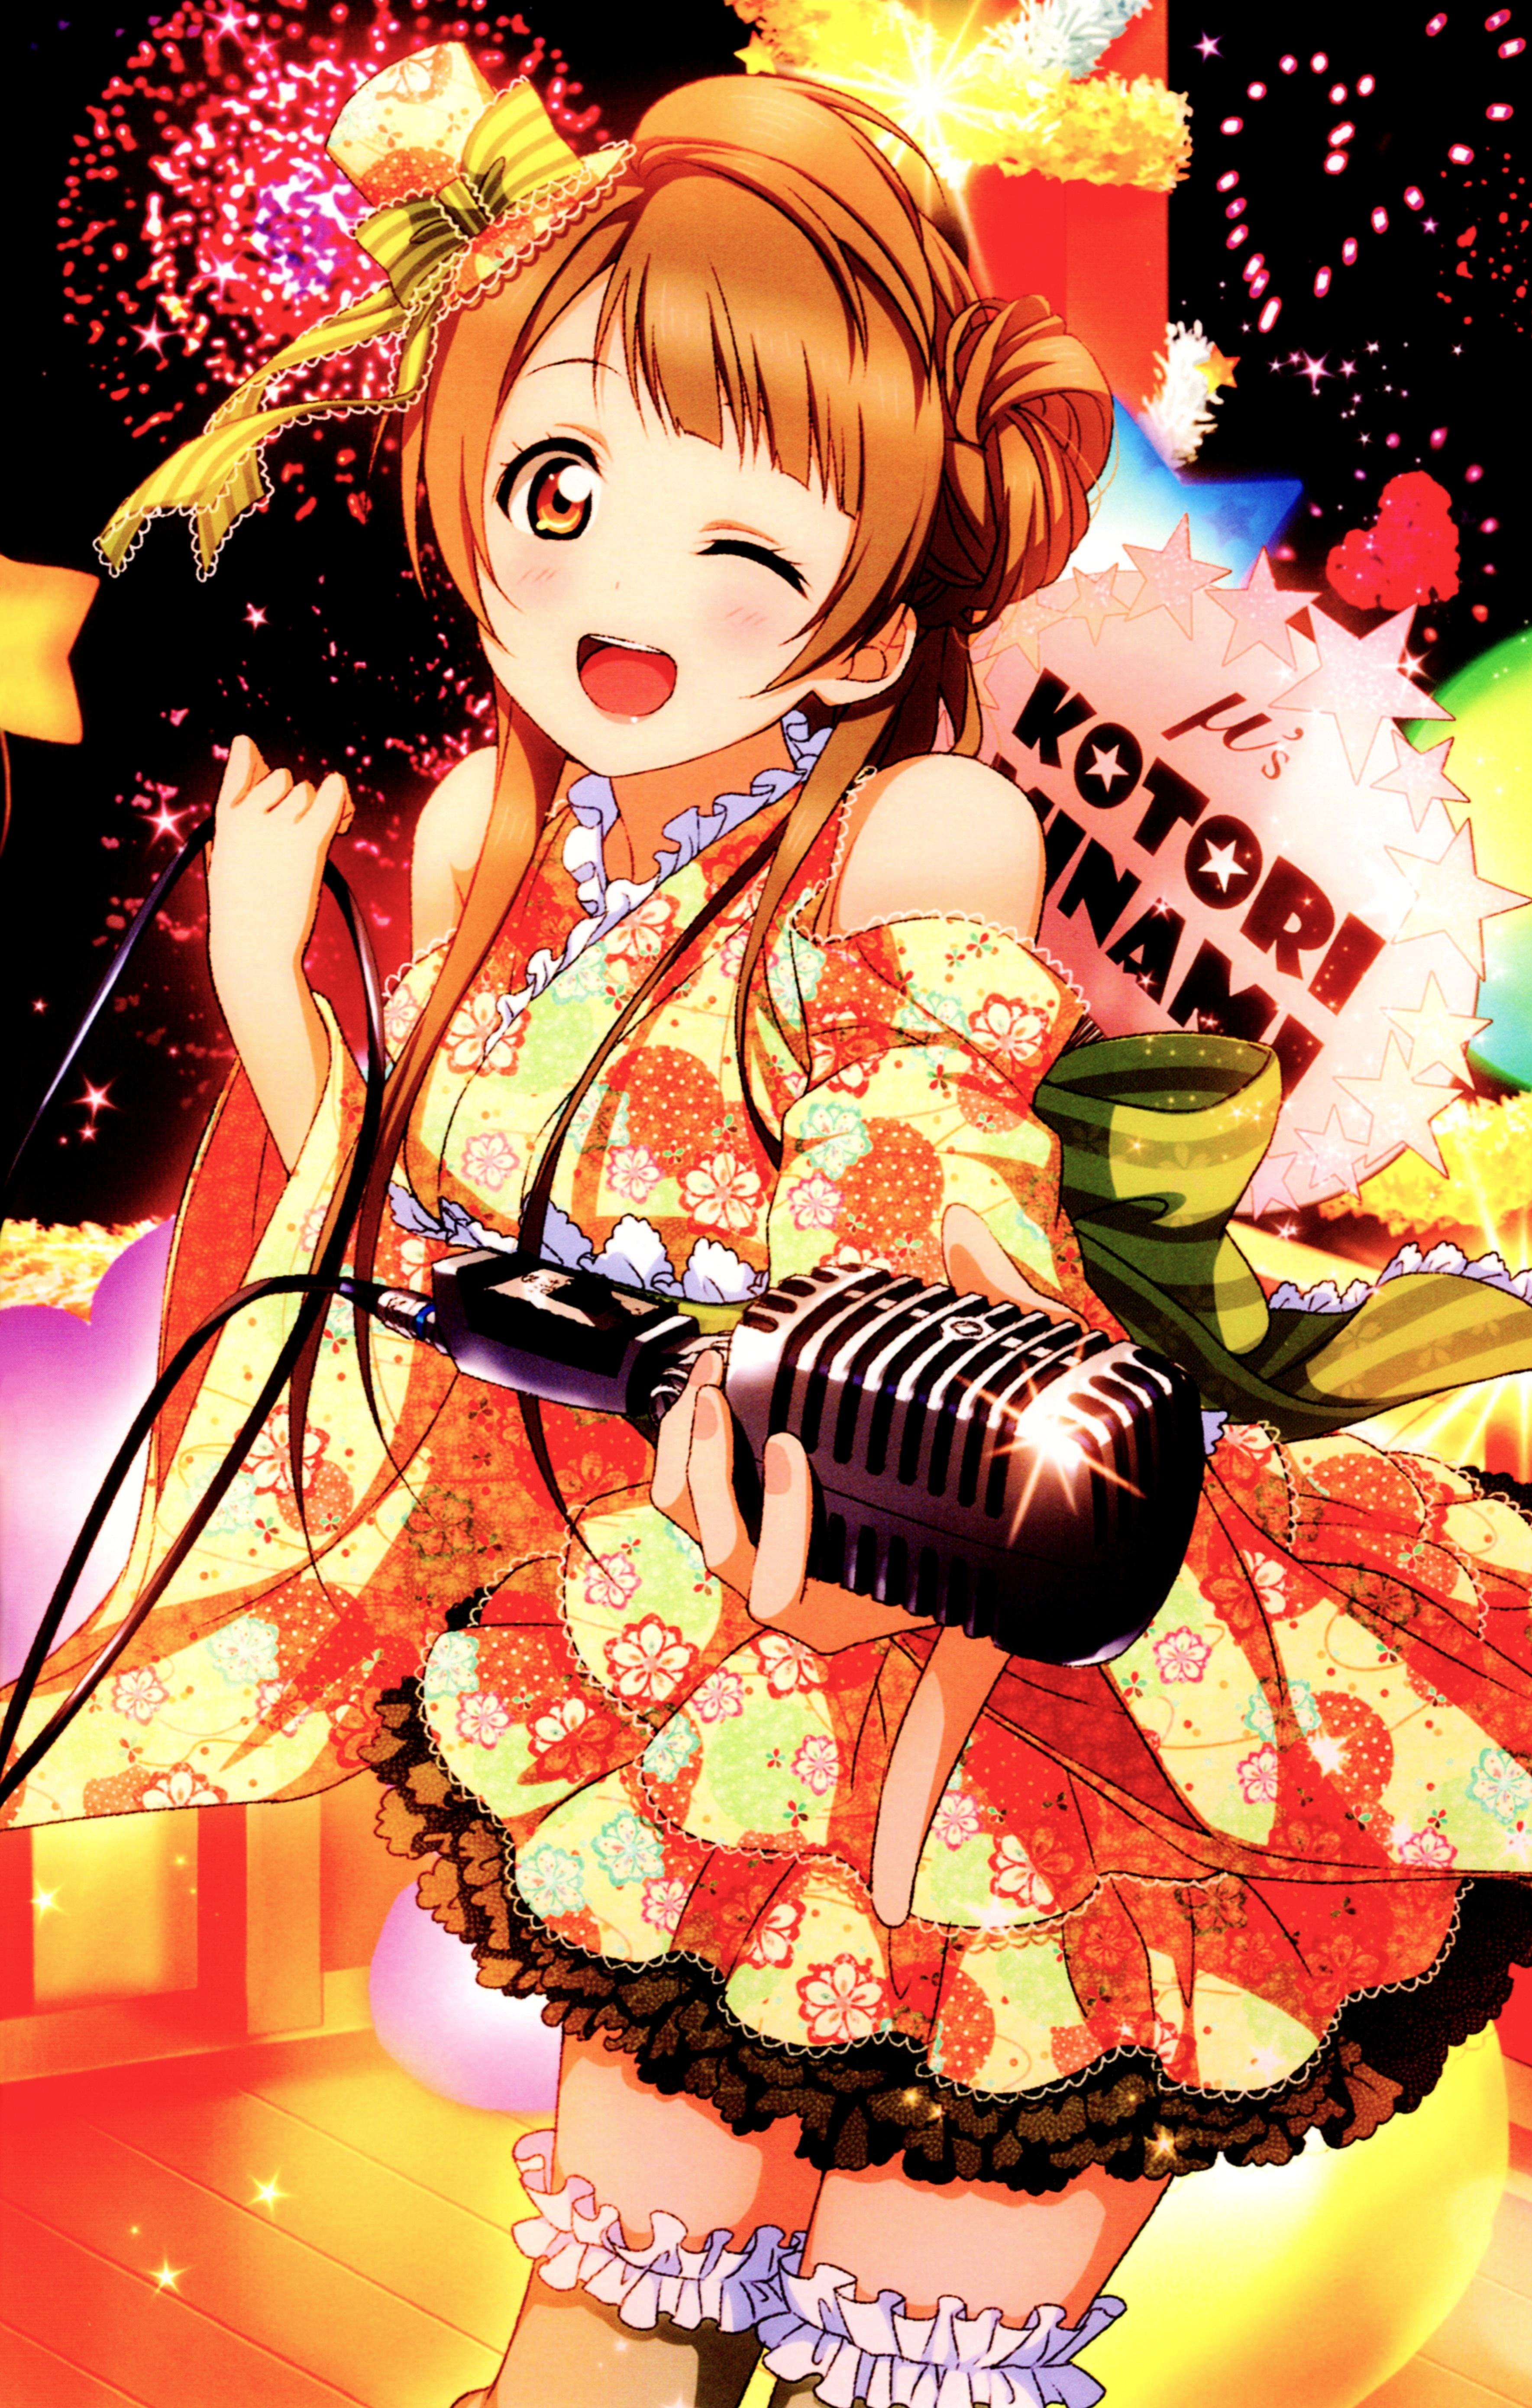 Love Live Wallpaper Zerochan : Minami Kotori - Love Live! - Mobile Wallpaper #1812195 ...